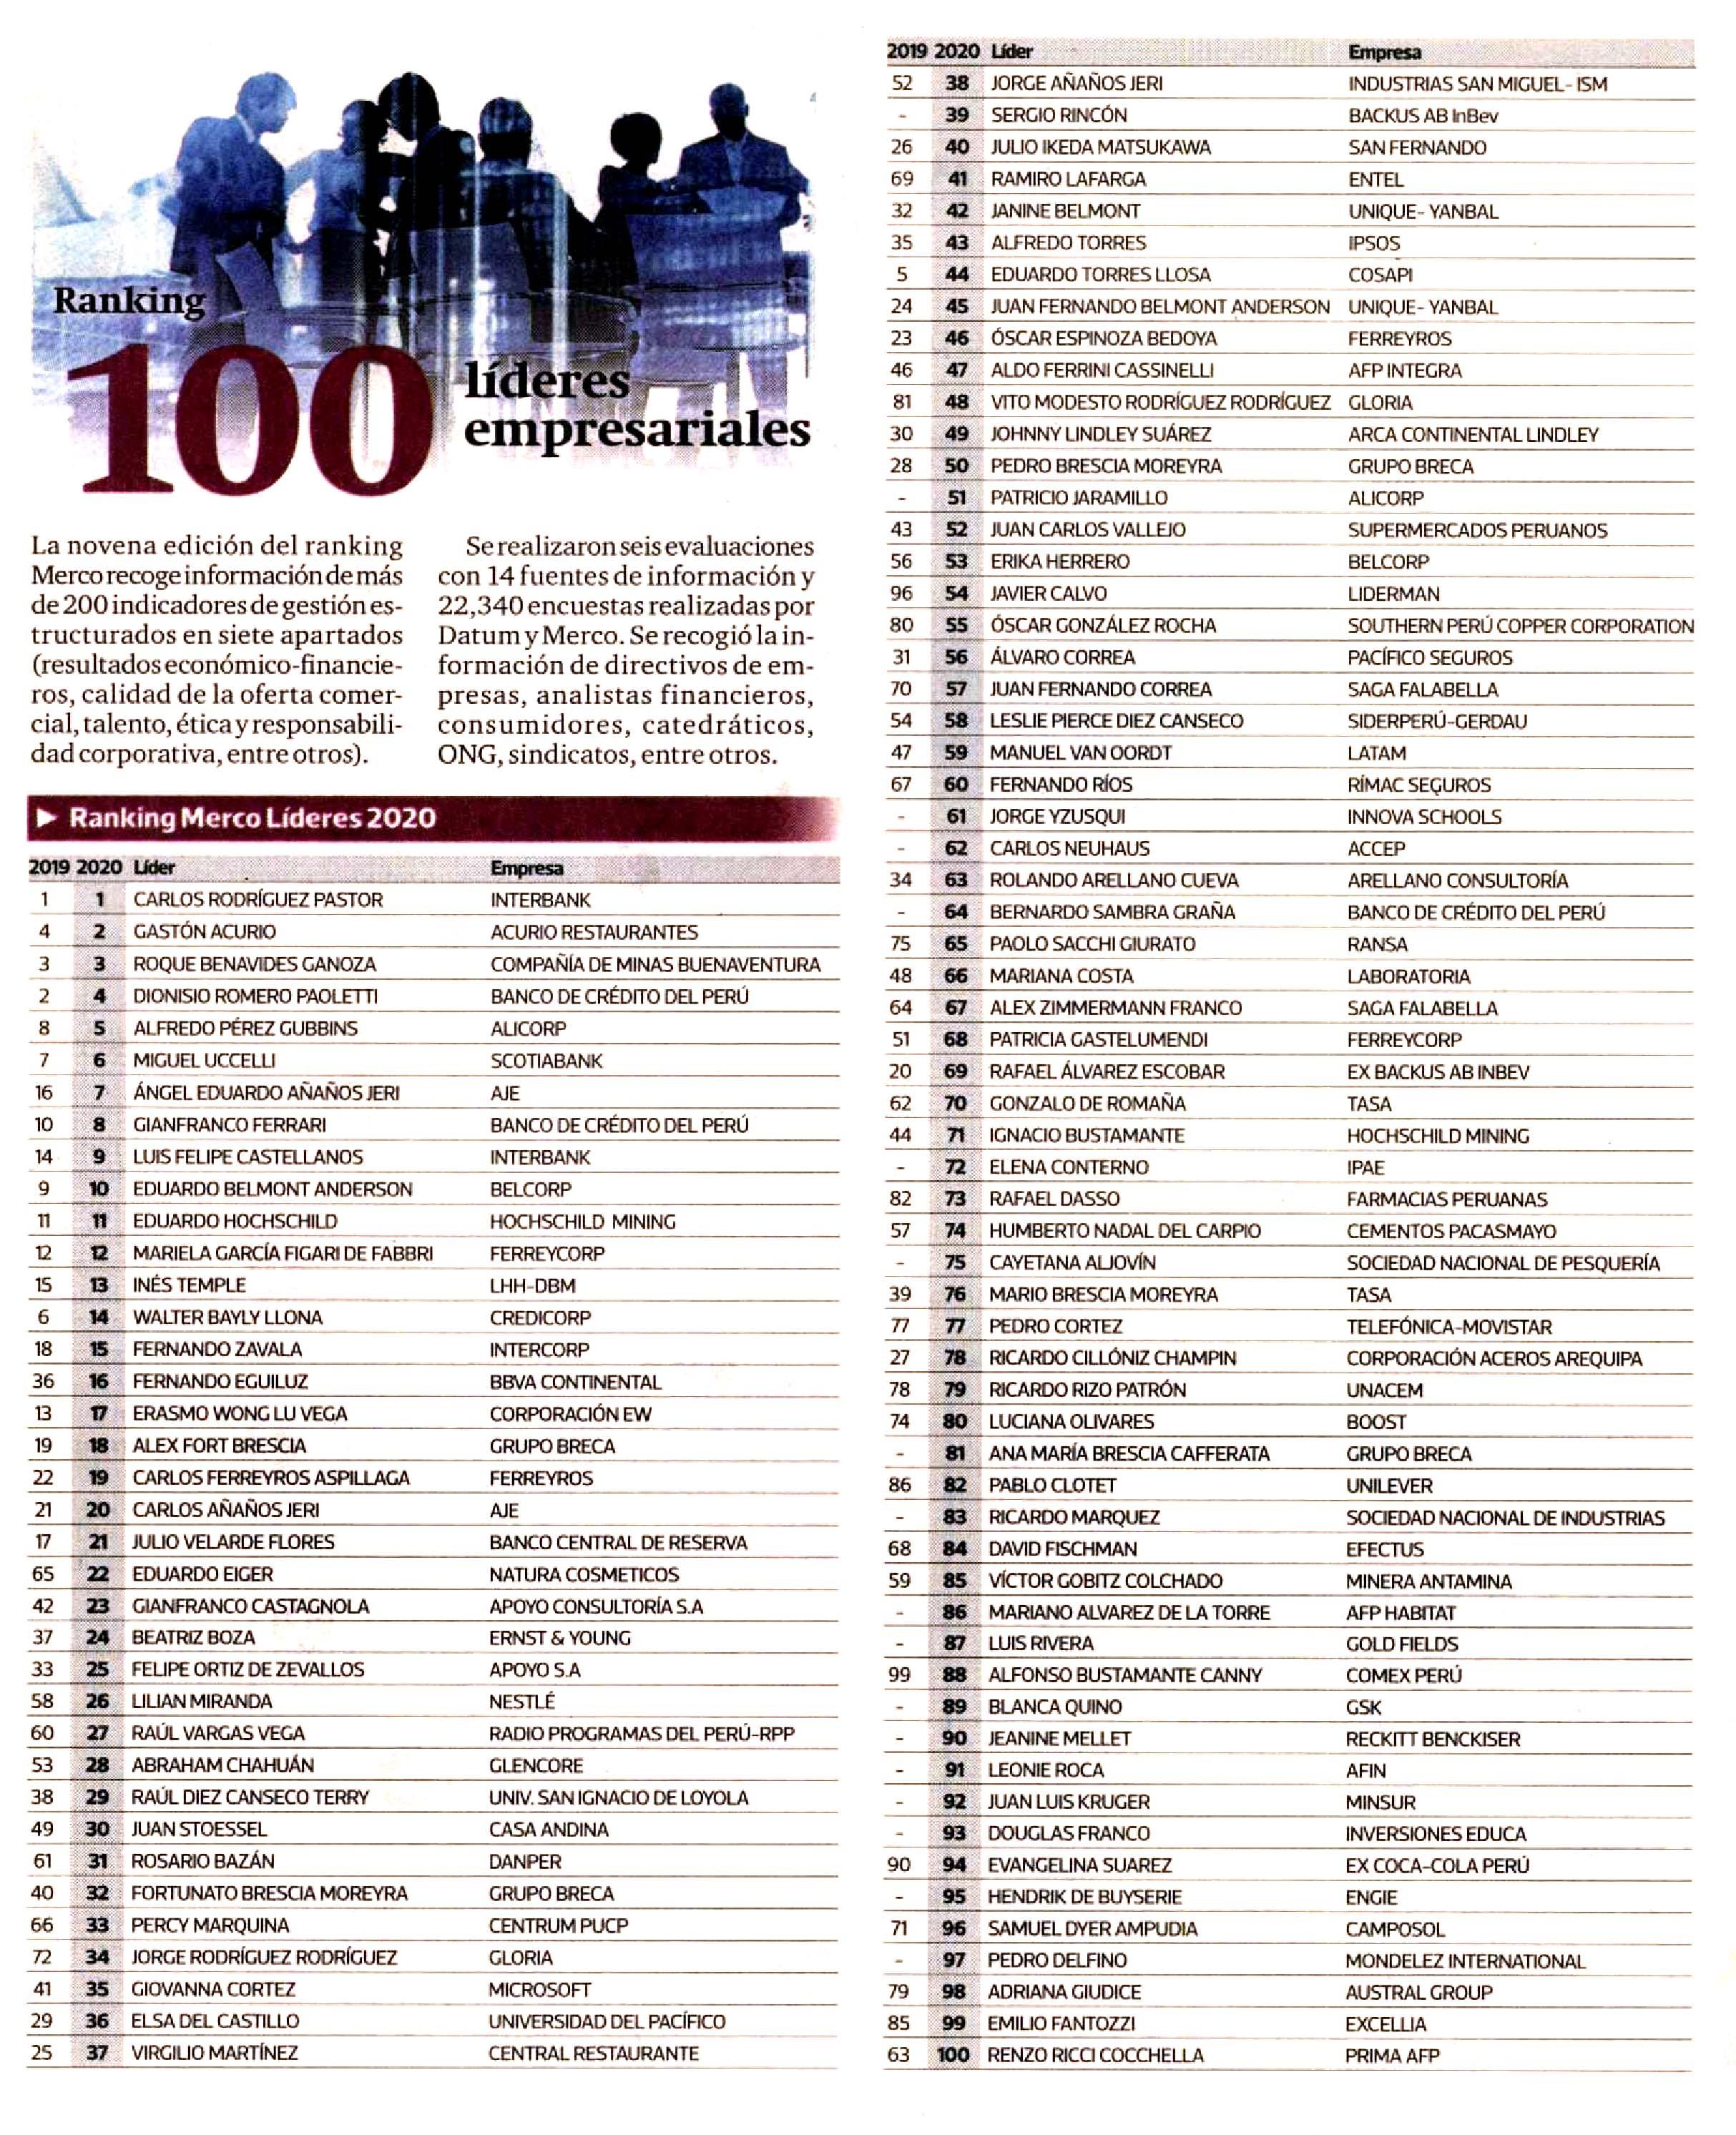 Ranking 100 líderes empresariales 2020 1 |  Ines Temple | líderes | 1 agosto, 2021 | LHH DBM Perú